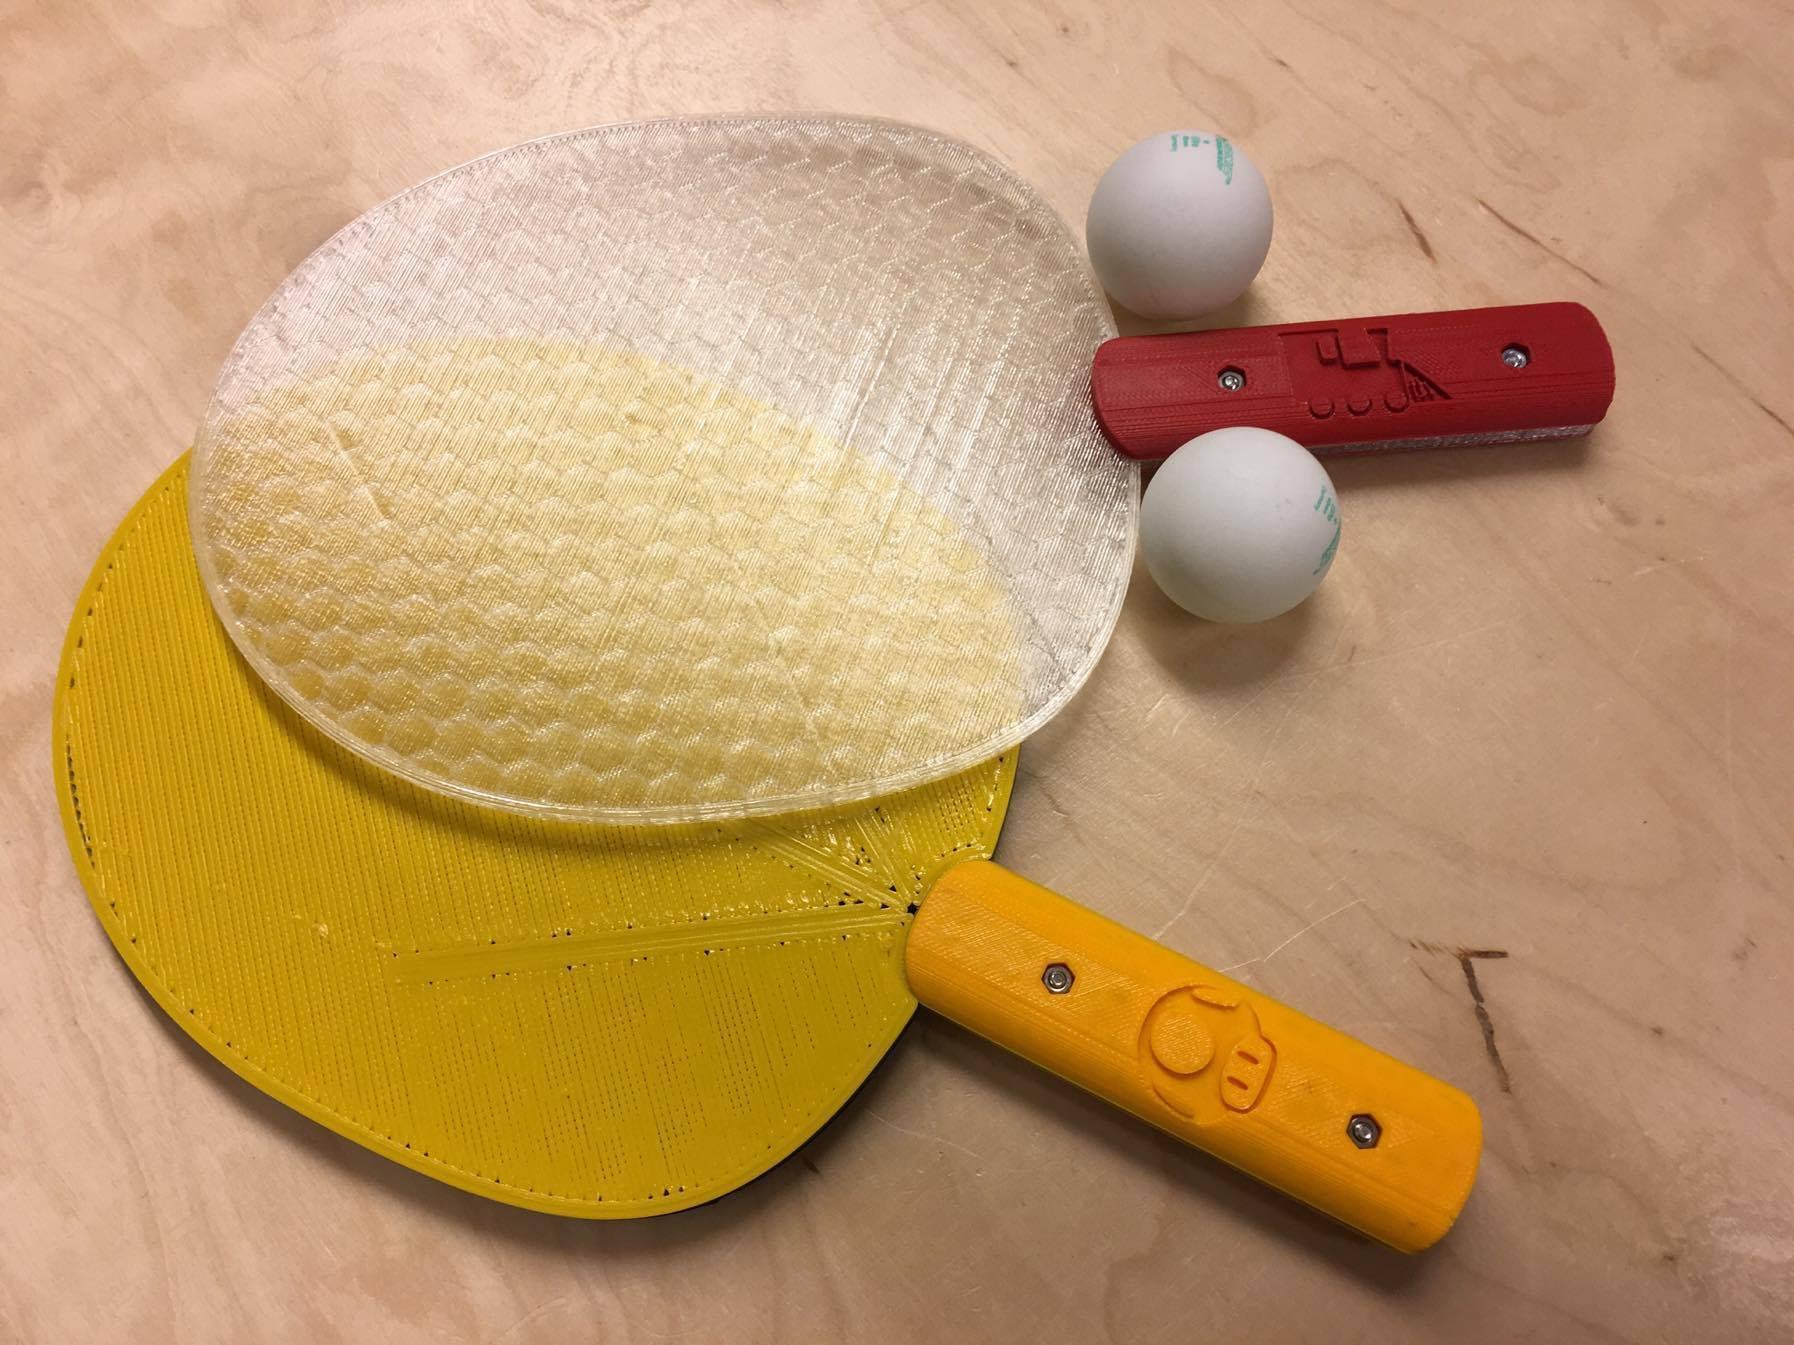 ping pong makerslab 3d print 014.jpg Télécharger fichier STL gratuit Ping Pong tennis de table • Design pour impression 3D, 3D-mon